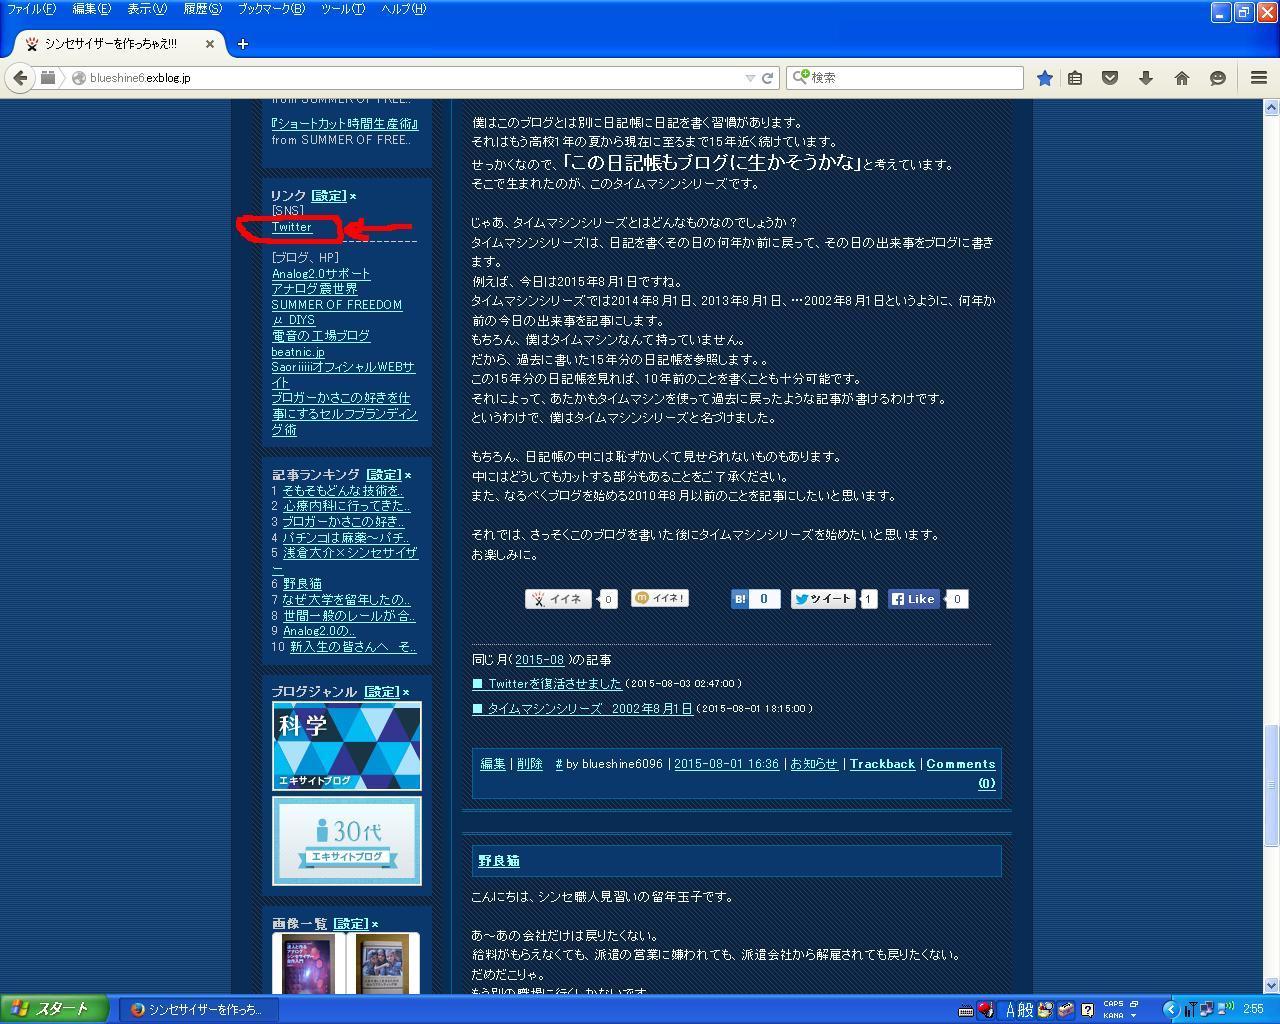 b0204981_02592524.jpg